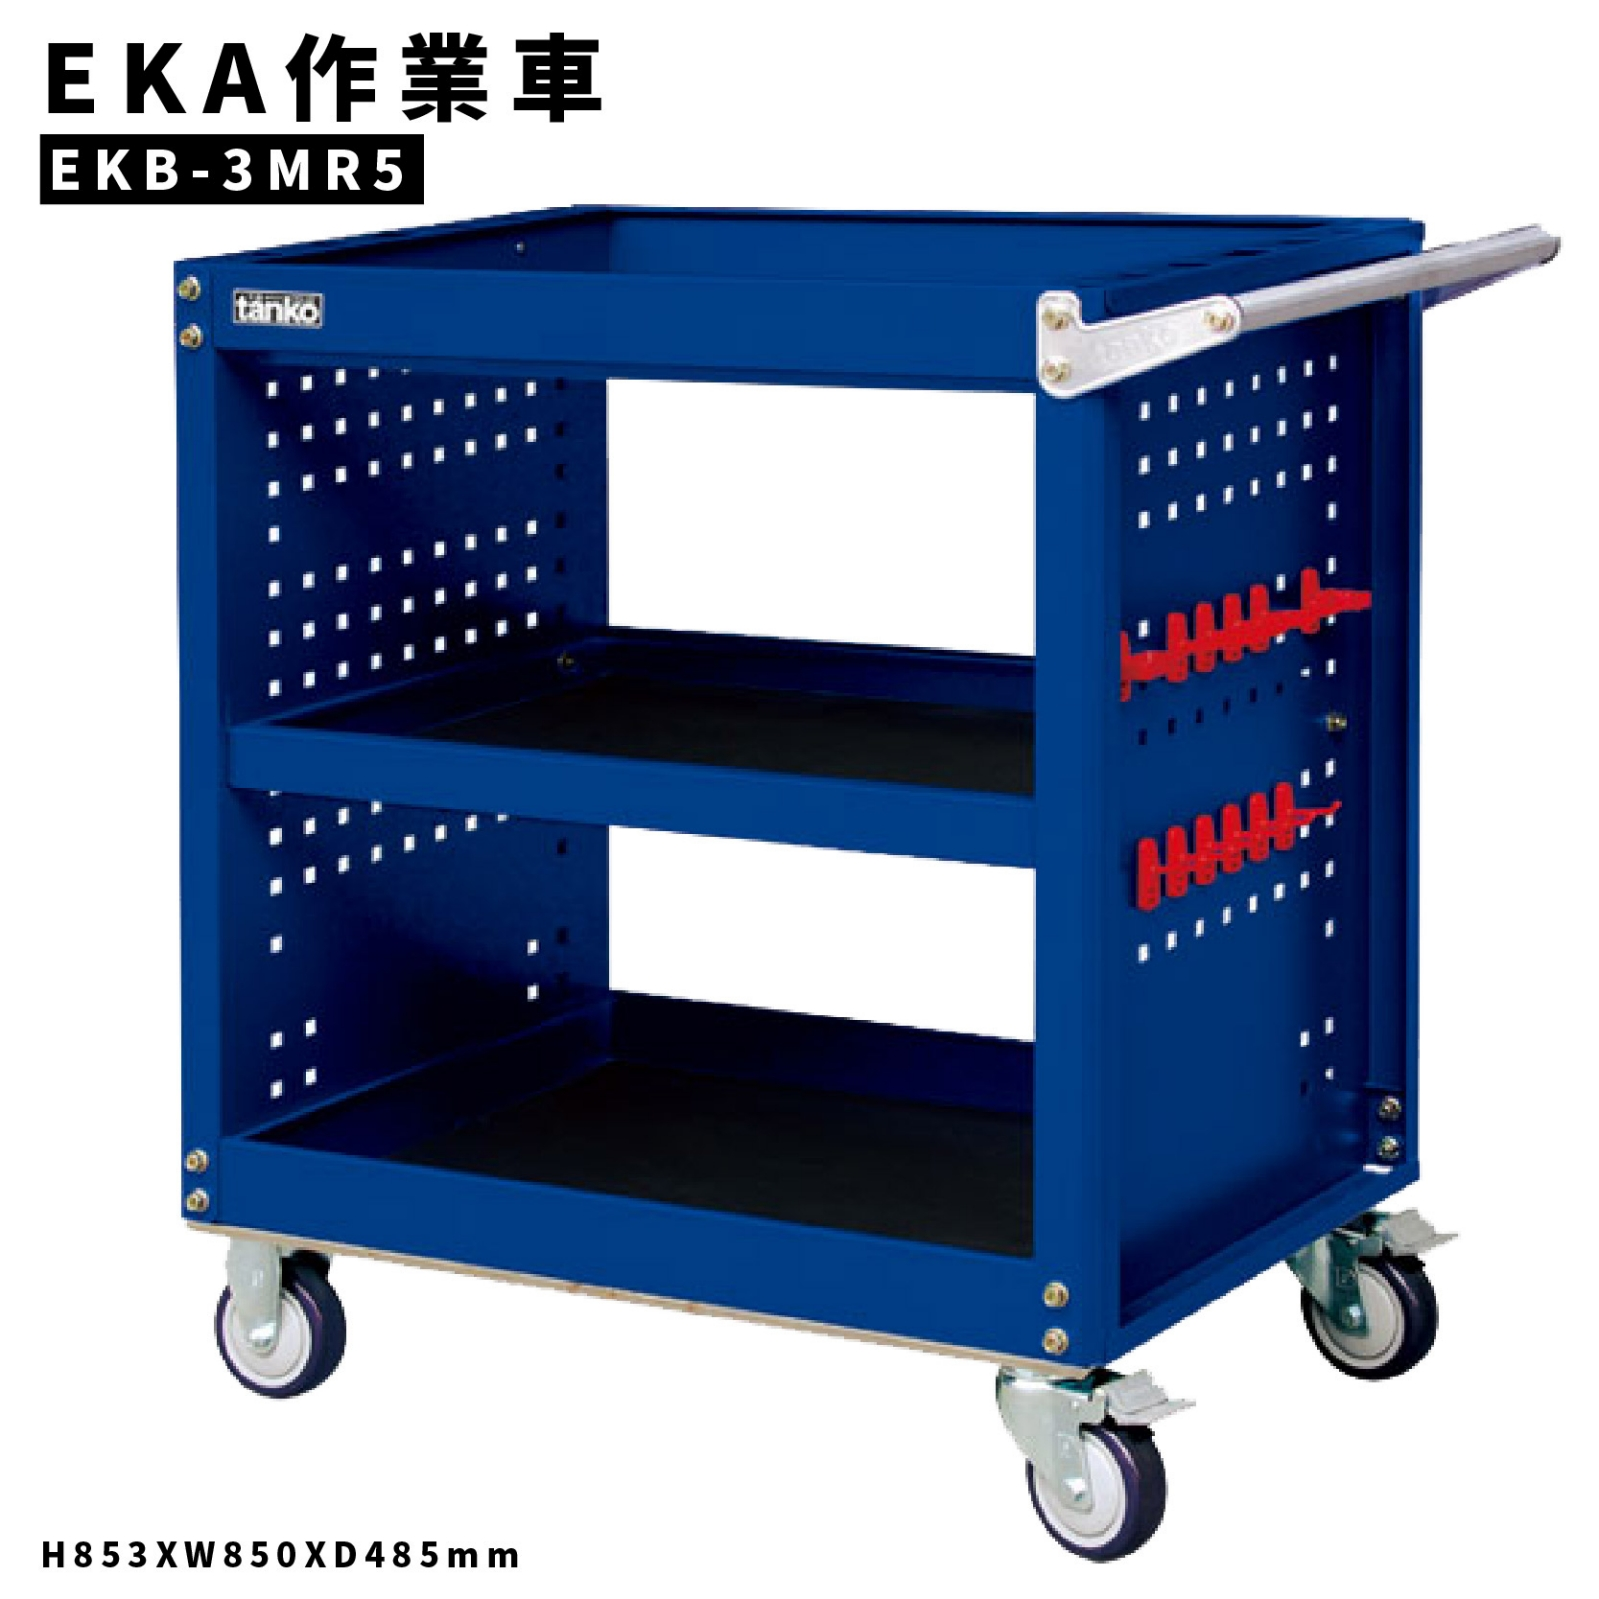 EKB-3MR5《EKB作業車》藍色 工具車 手推車 車行 保養廠 工廠 車廠 汽車維修廠 含掛鉤一組(12pcs)